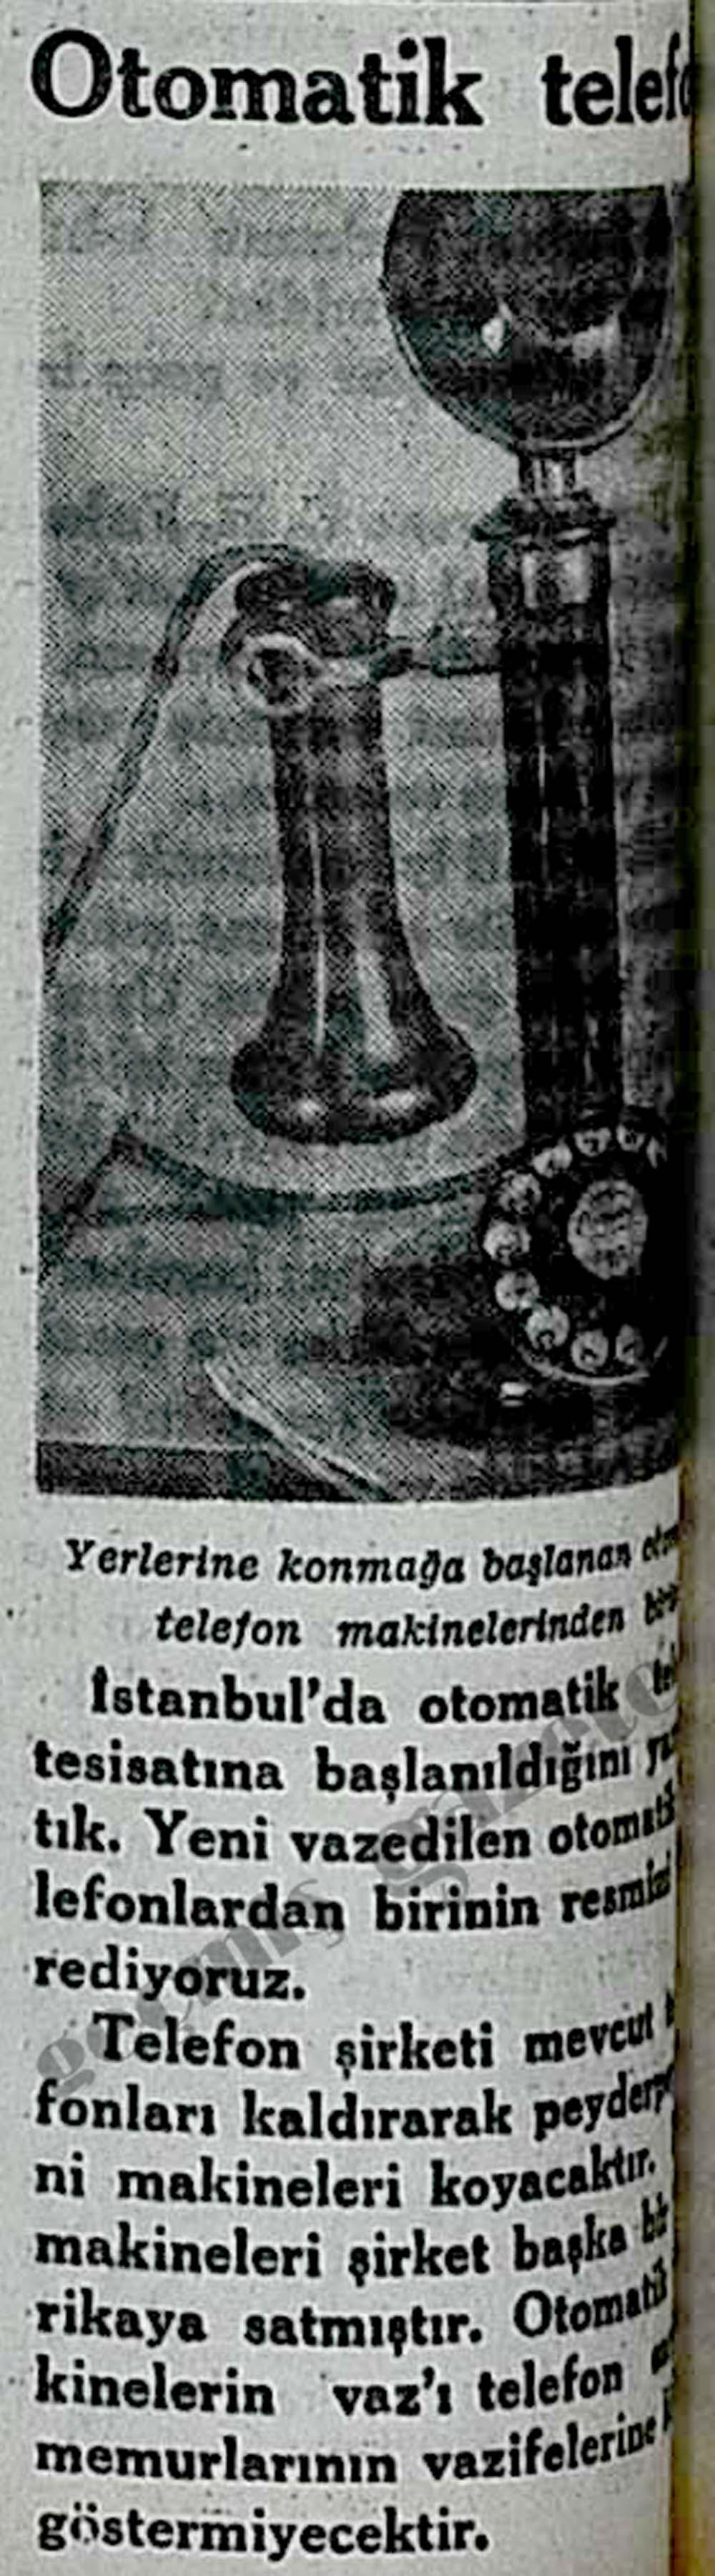 Otomatik telefon